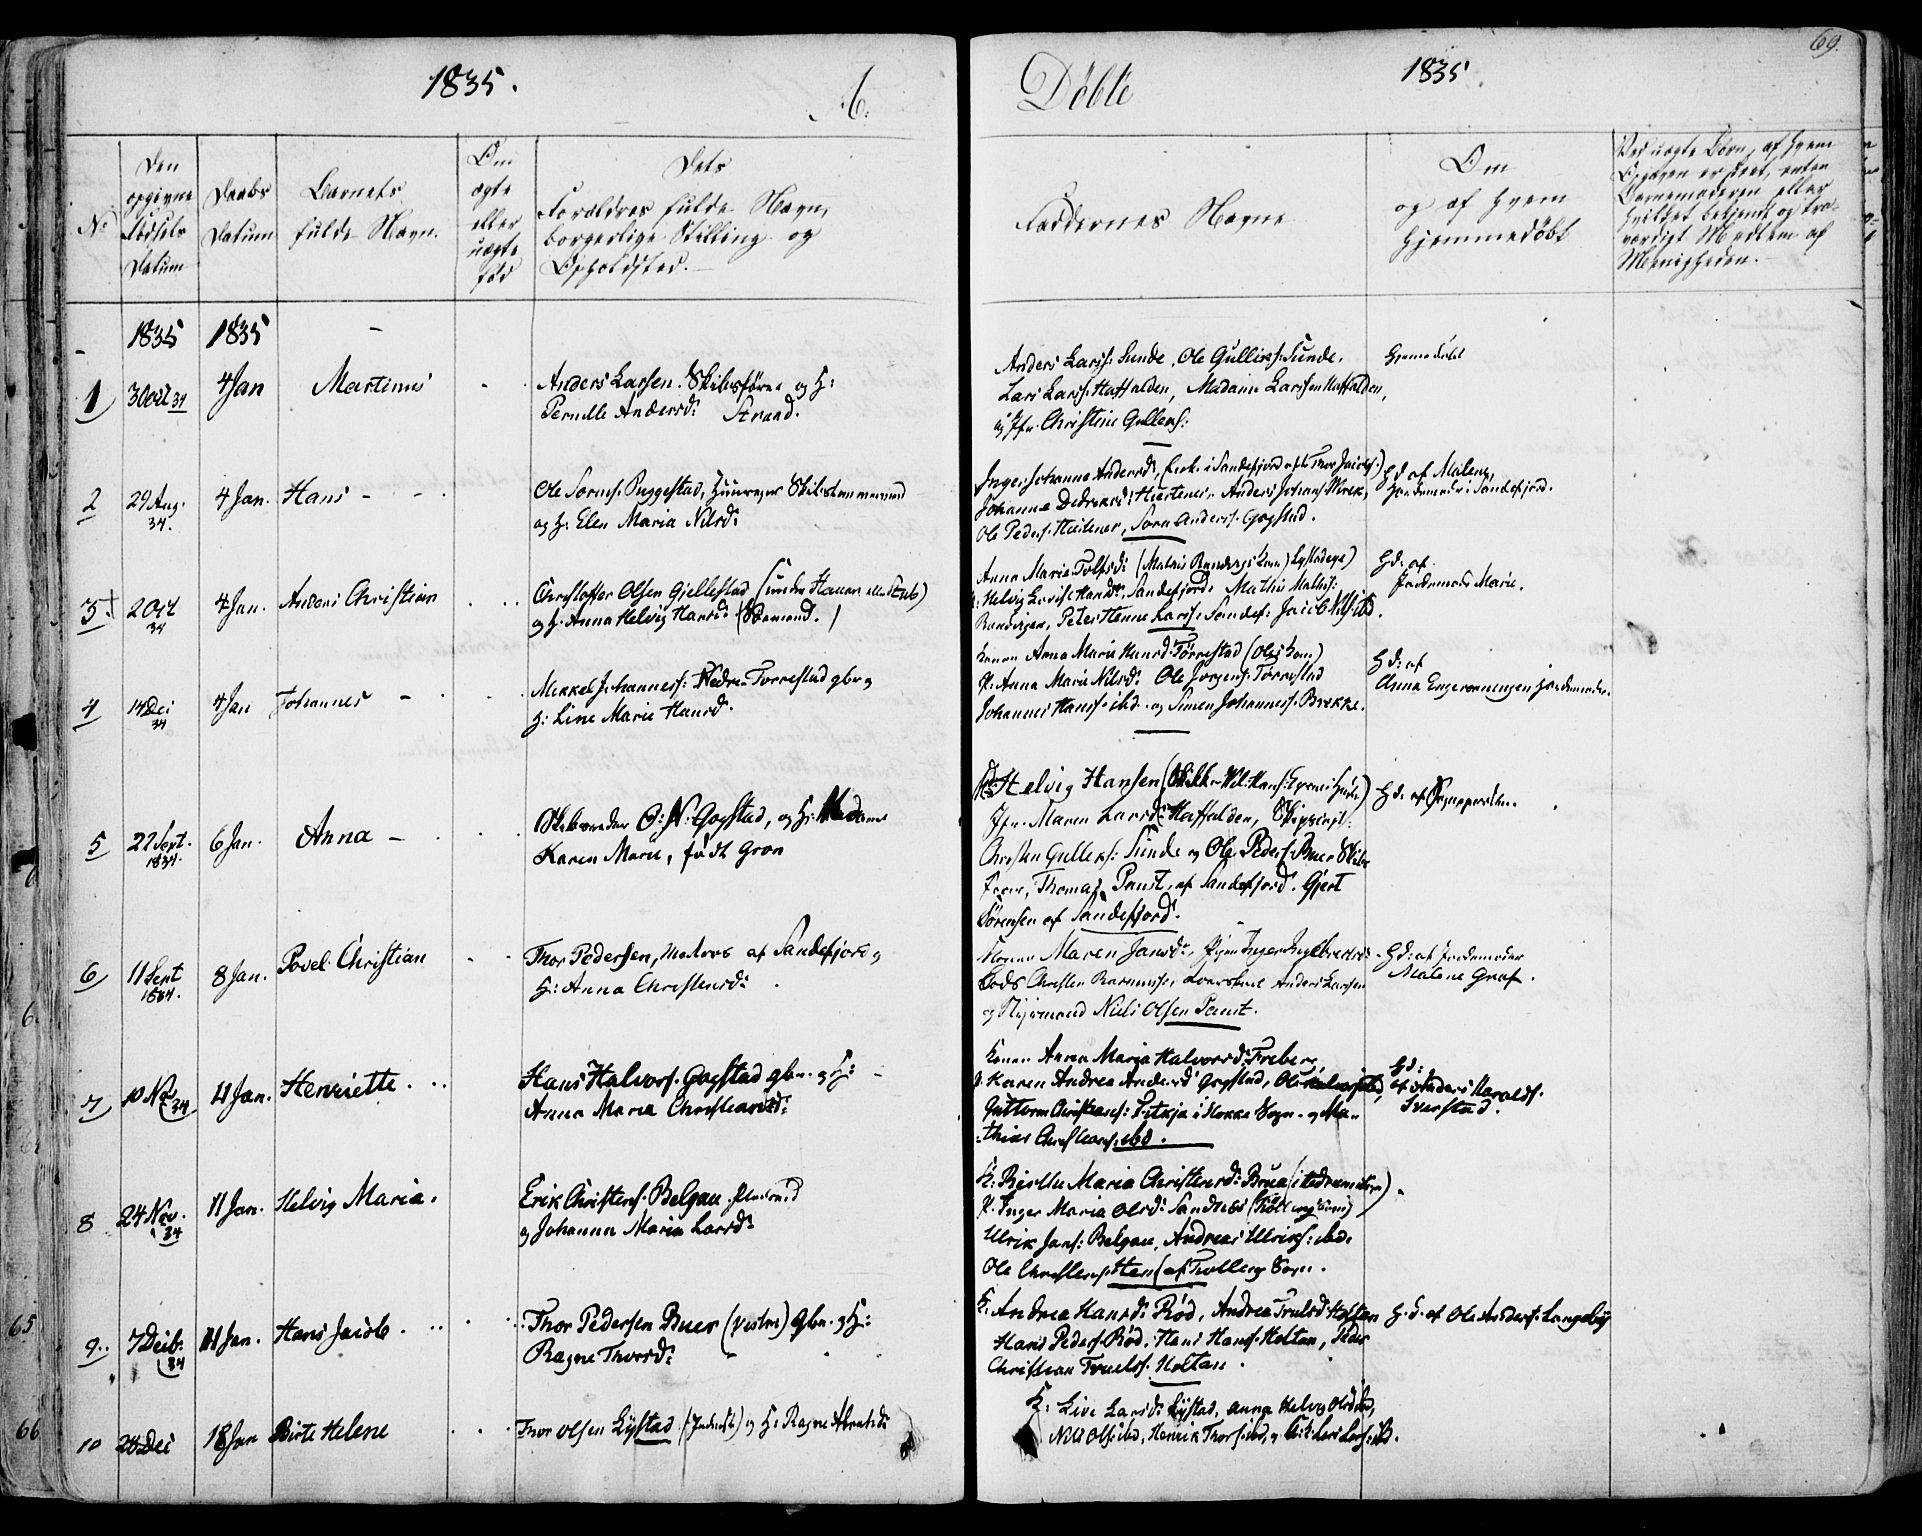 SAKO, Sandar kirkebøker, F/Fa/L0005: Ministerialbok nr. 5, 1832-1847, s. 68-69